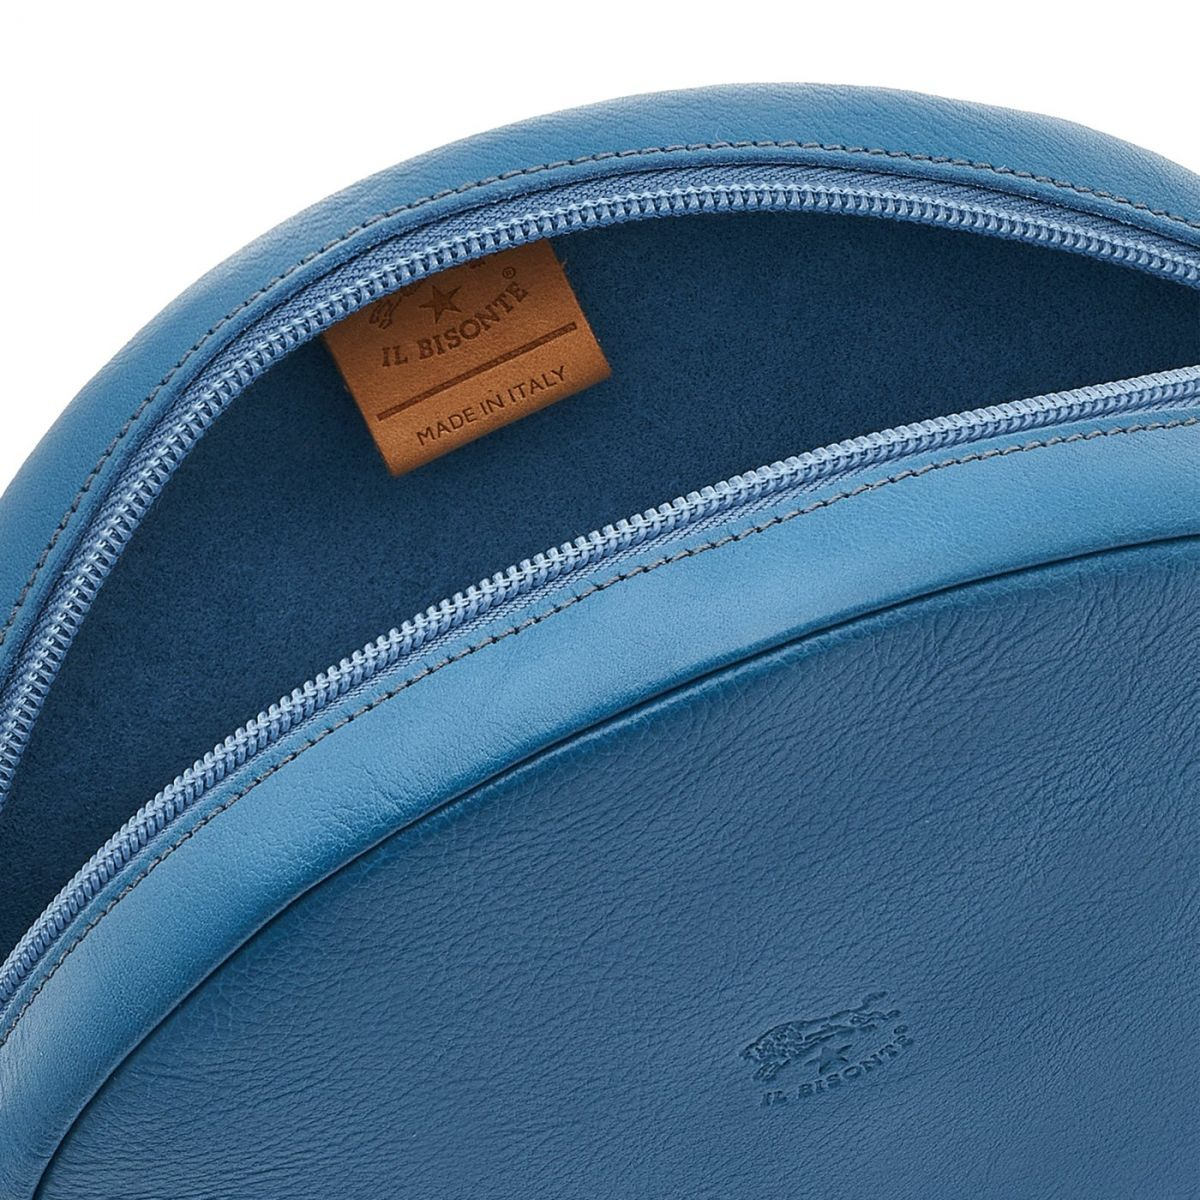 Disco Bag - Sac Bandouliere pour Femme en Cuir De Vachette couleur Bleu Sarcelle - Ligne Candy BCR094 | Details